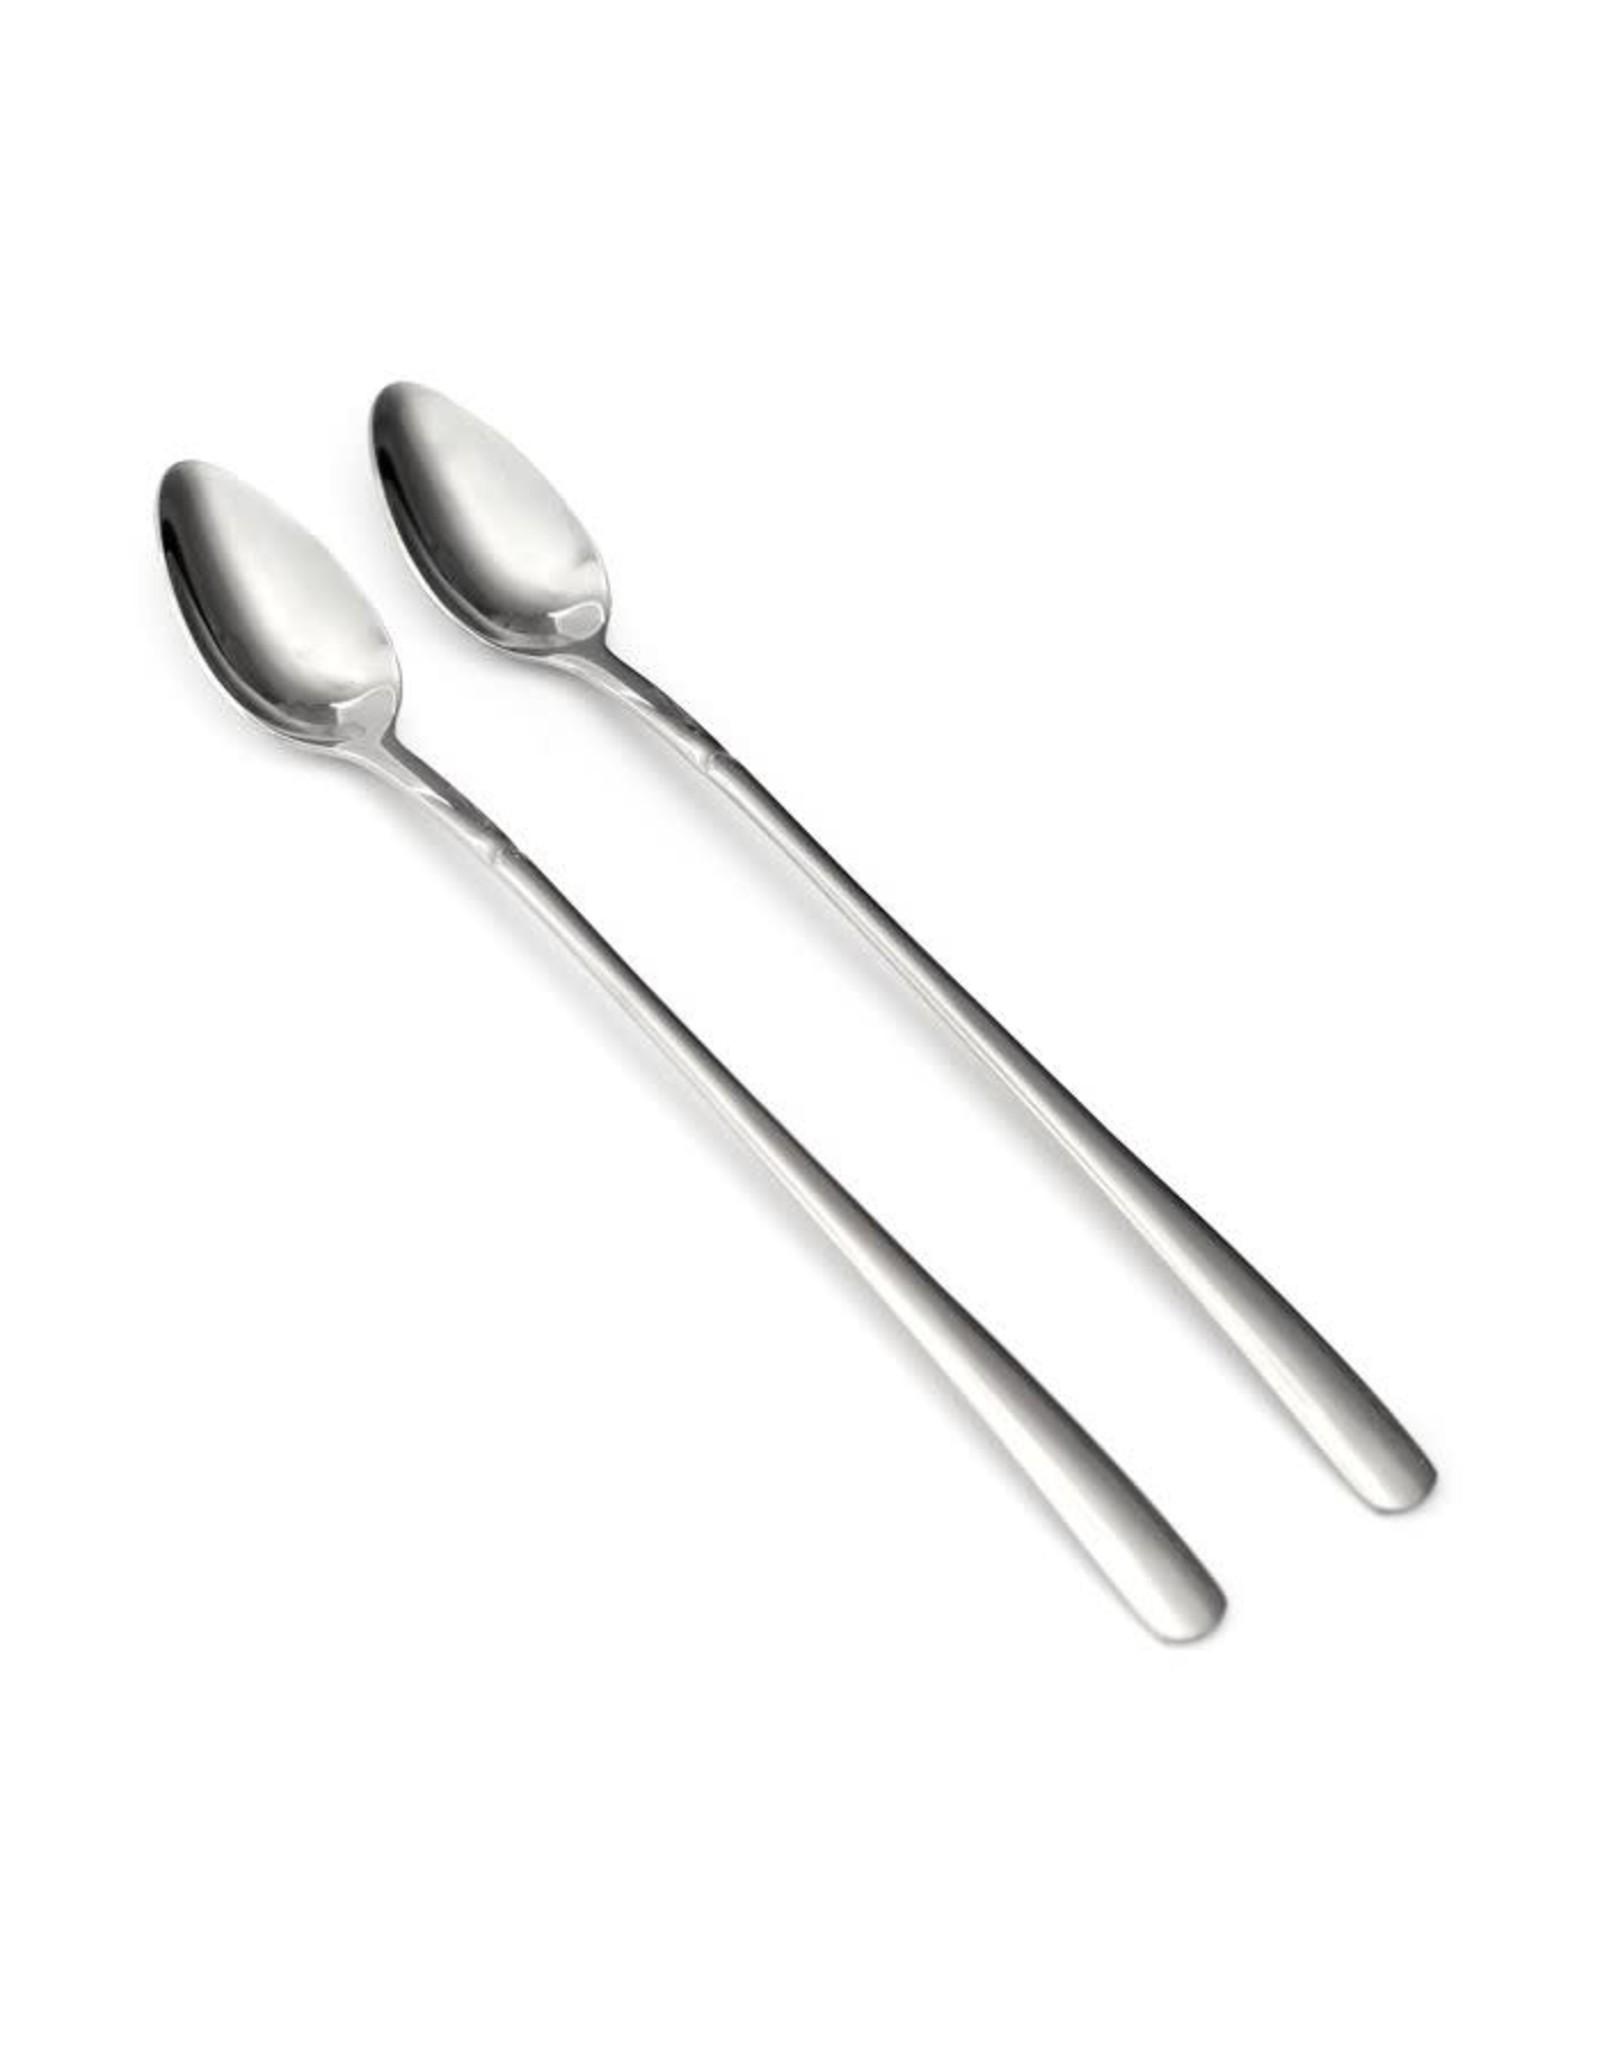 Norpro Stainless Steel Ice Tea Spoon, S/2